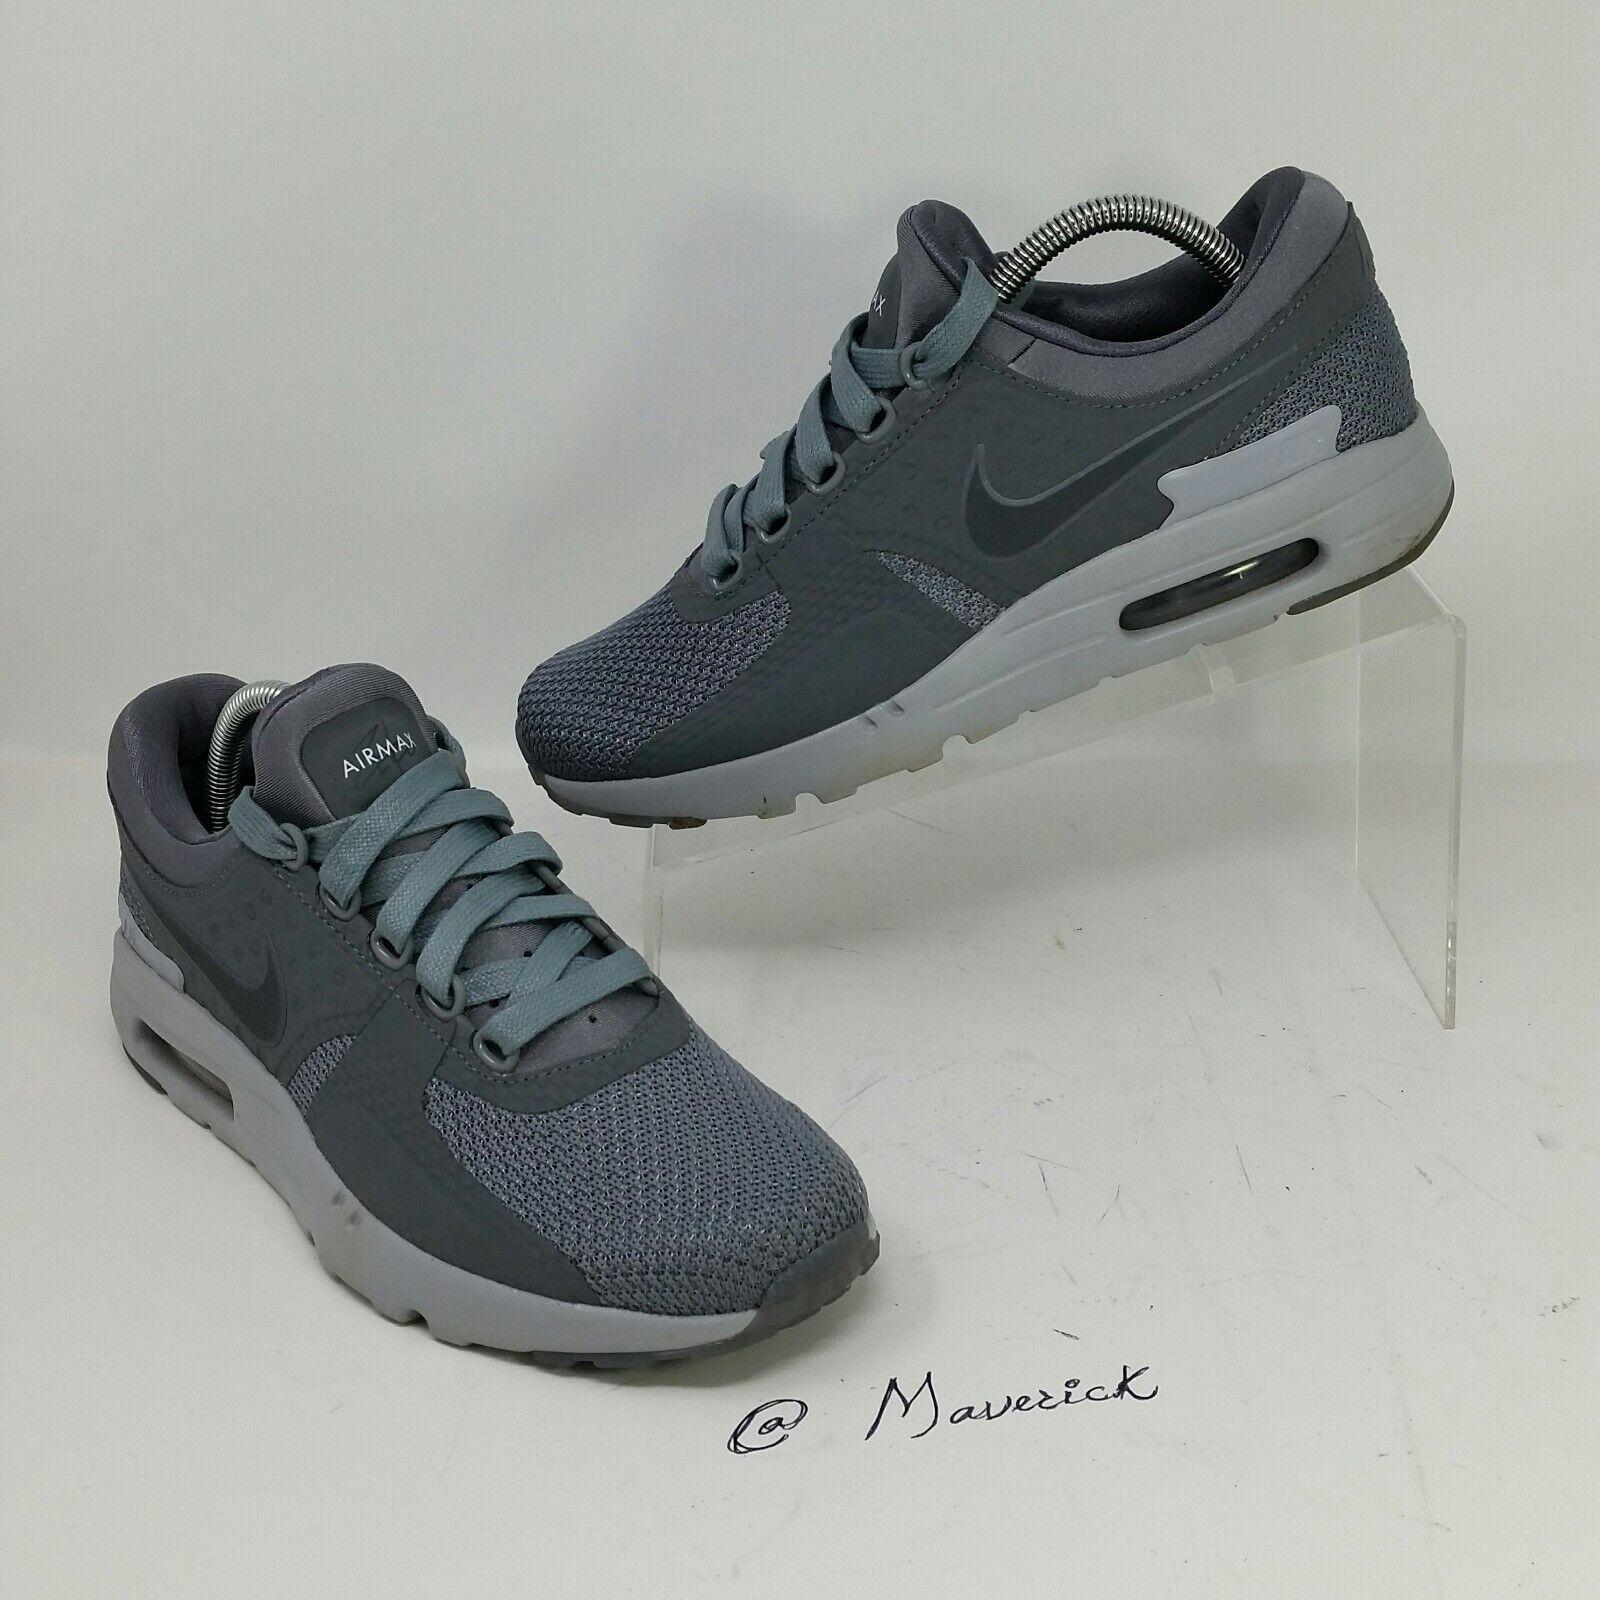 Nike air max max air zero cool grey grigio scuro grigio uomo lupo (le dimensioni (9) 6cb001